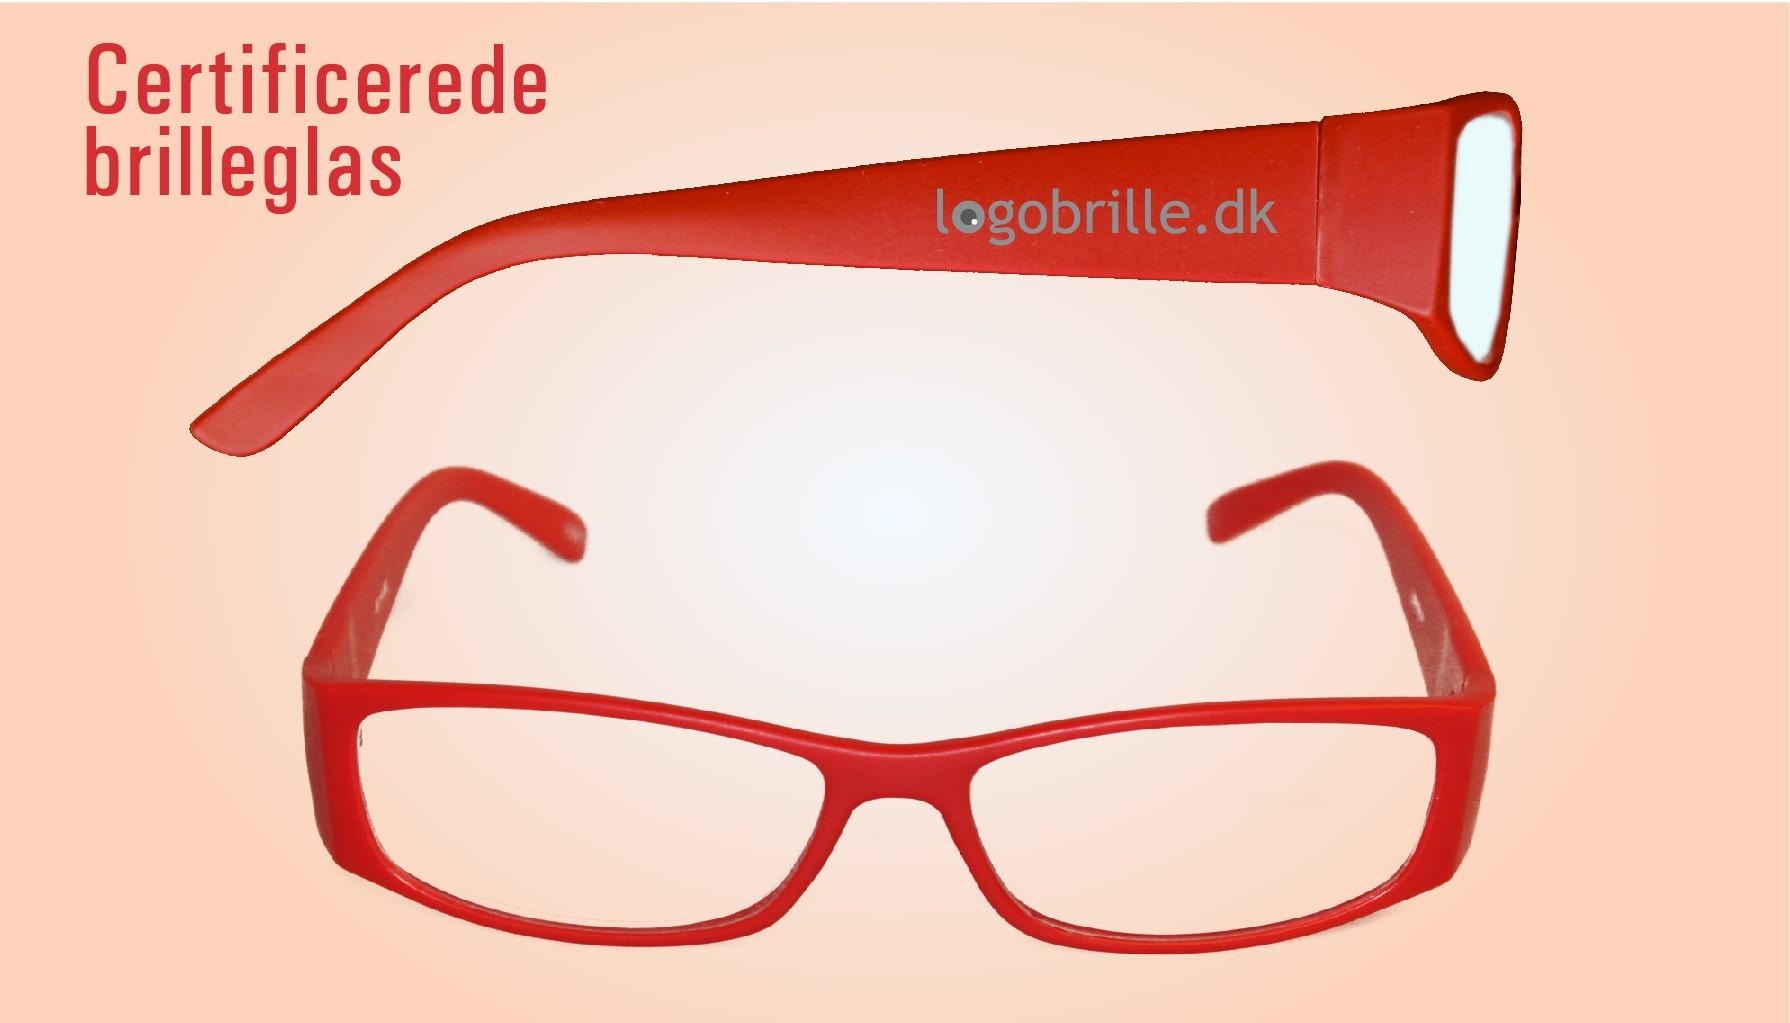 logobriller.dk